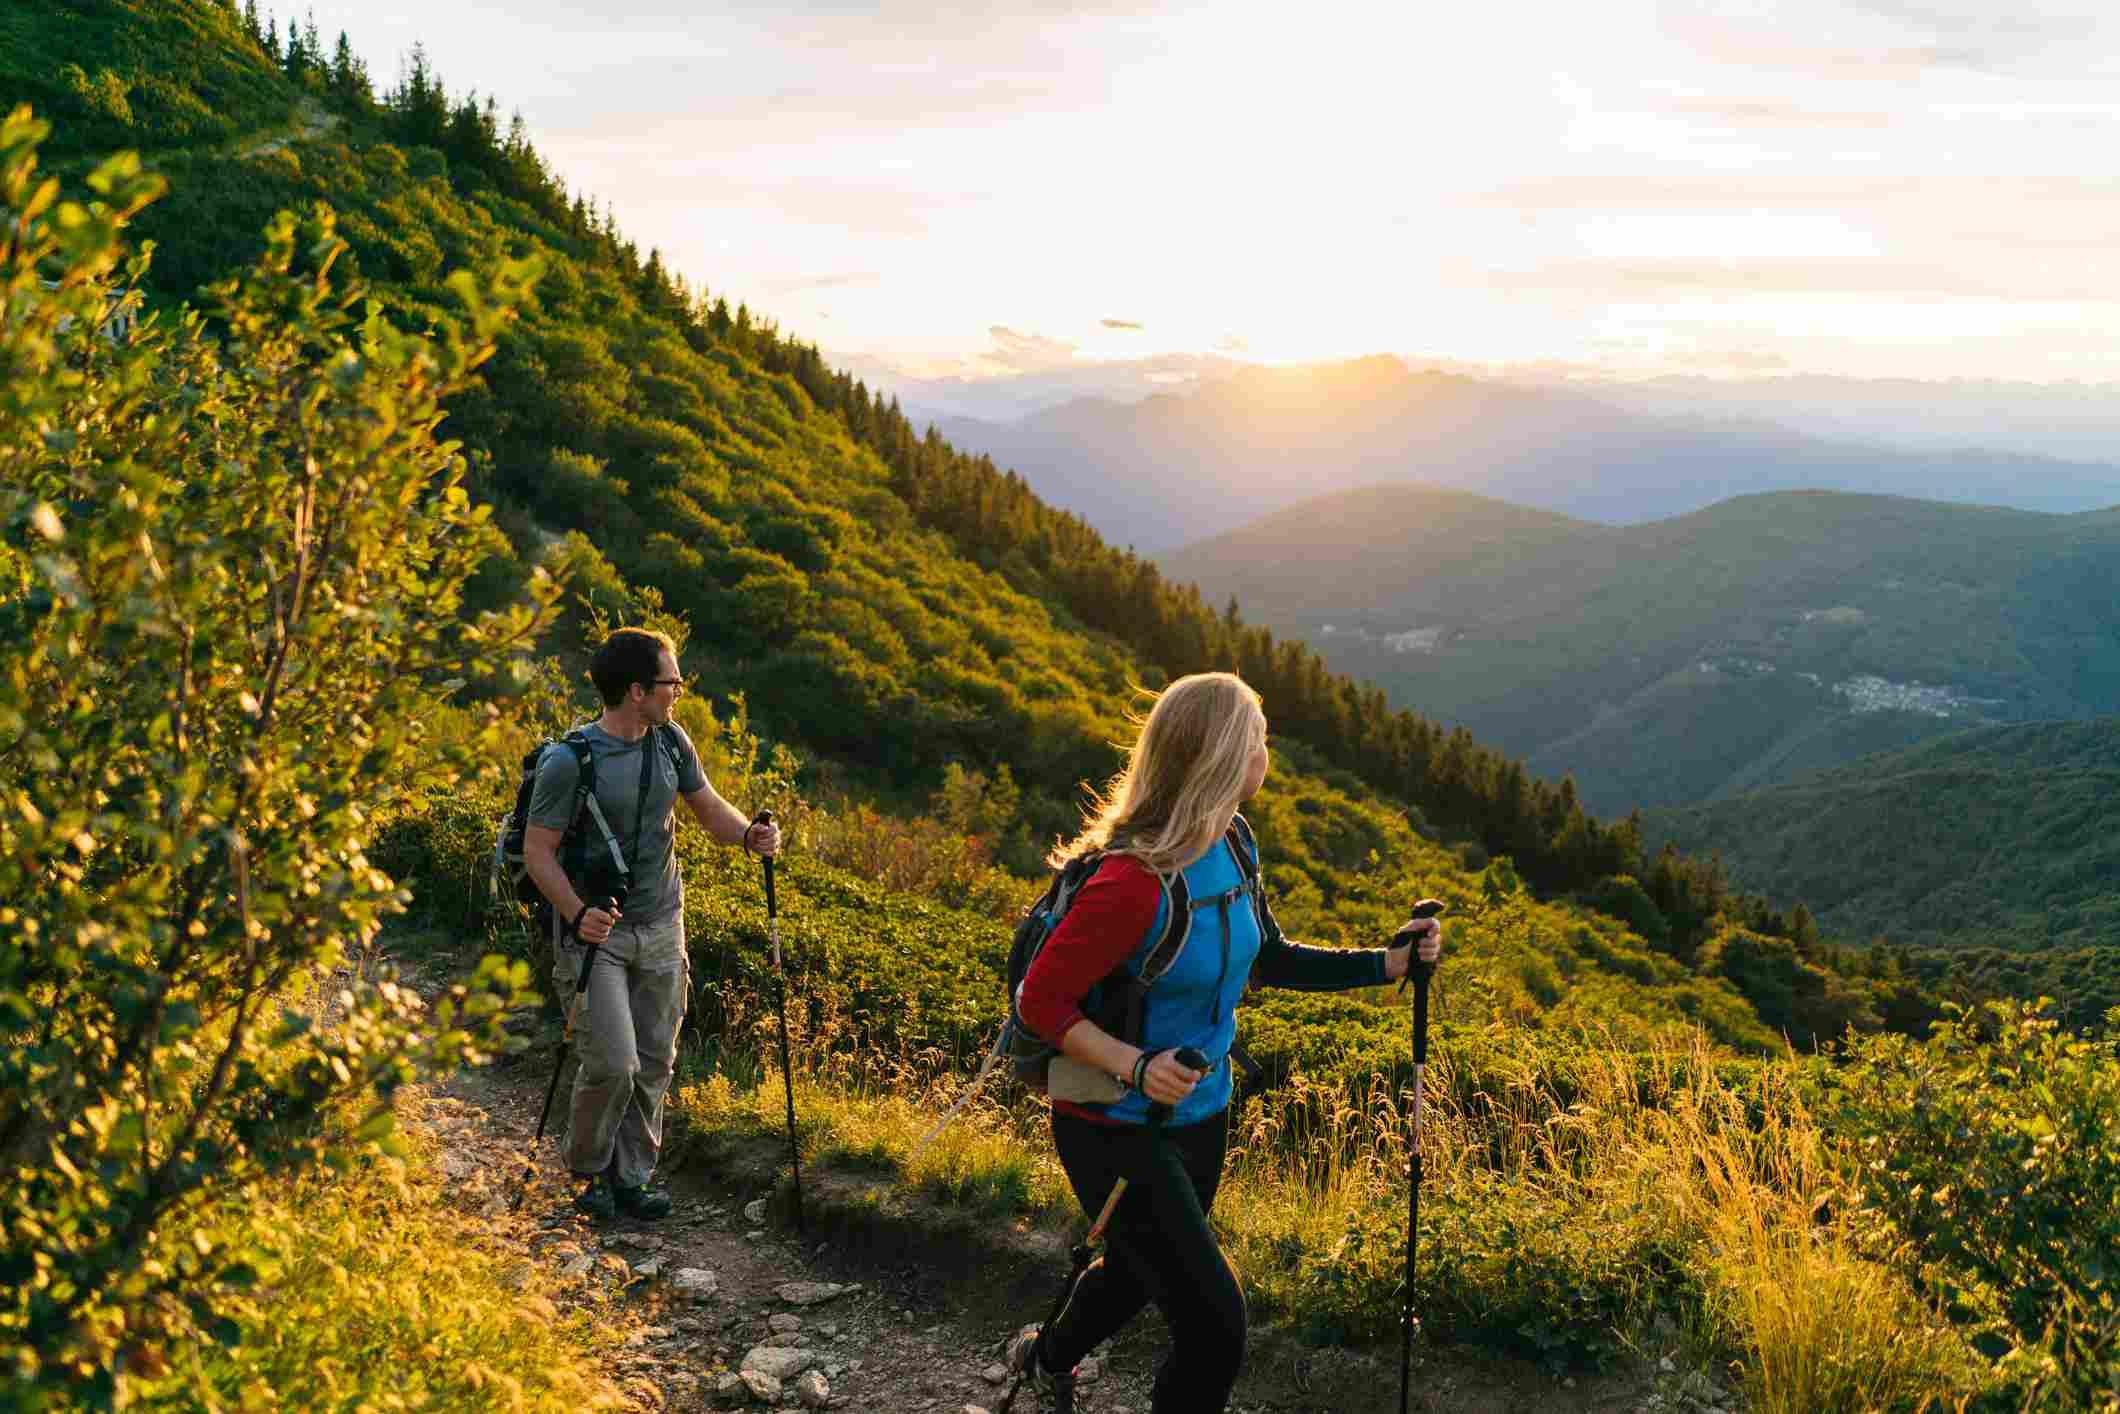 Par de caminatas por un sendero de montaña al amanecer.